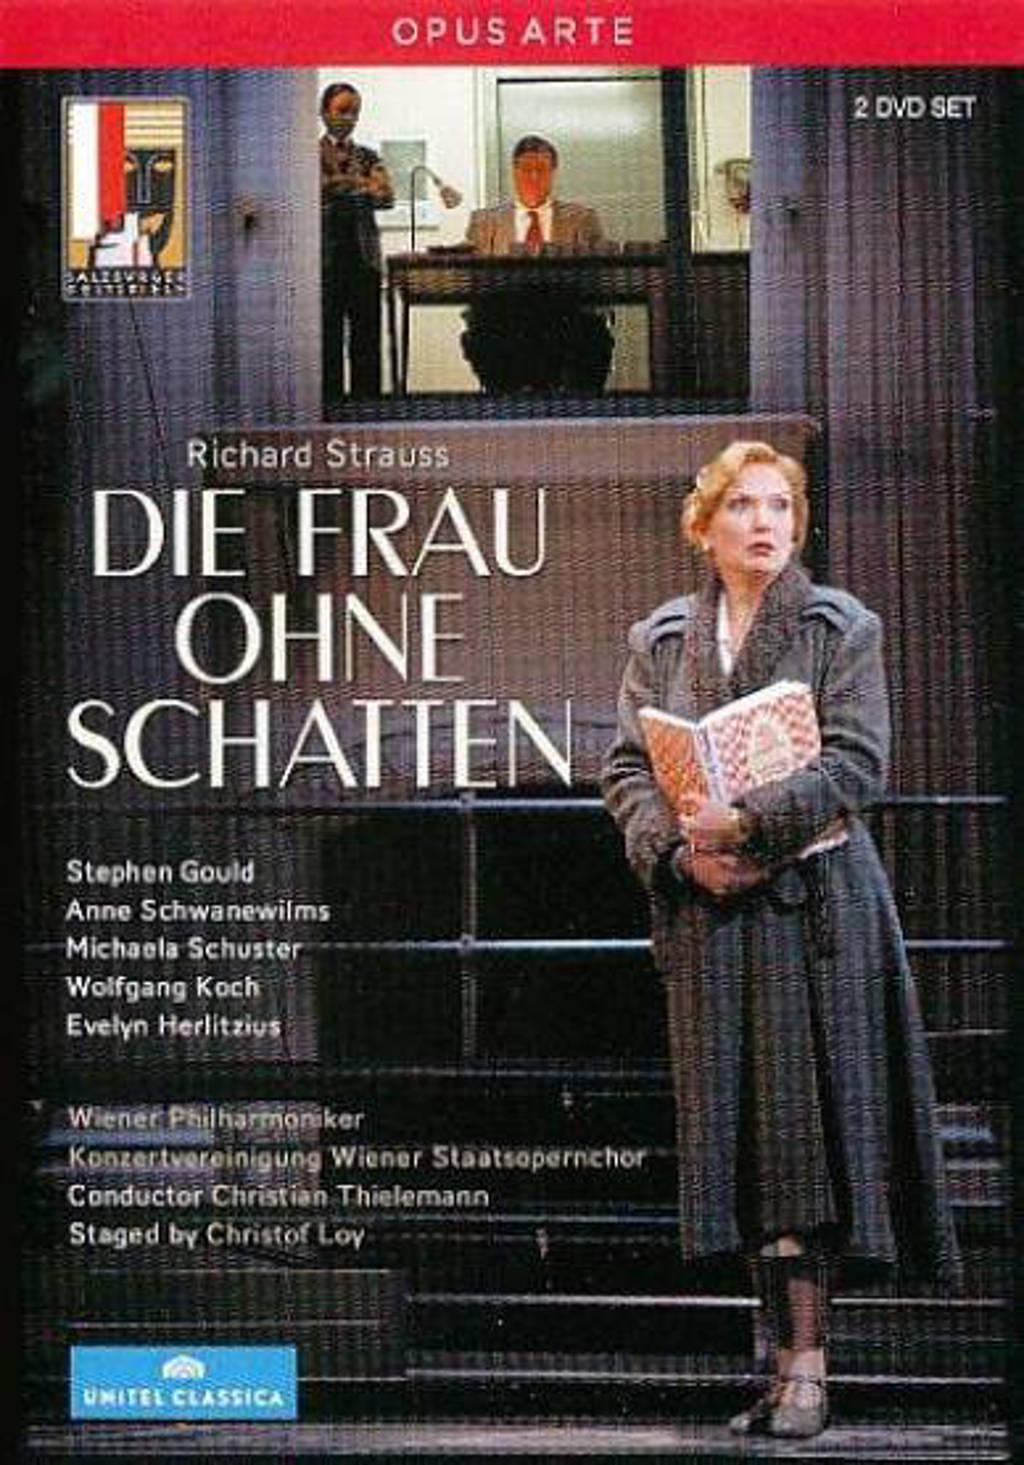 Gould/Schwanewilms/Vienna Philharmo - Die Frau Ohne Schatten (DVD)